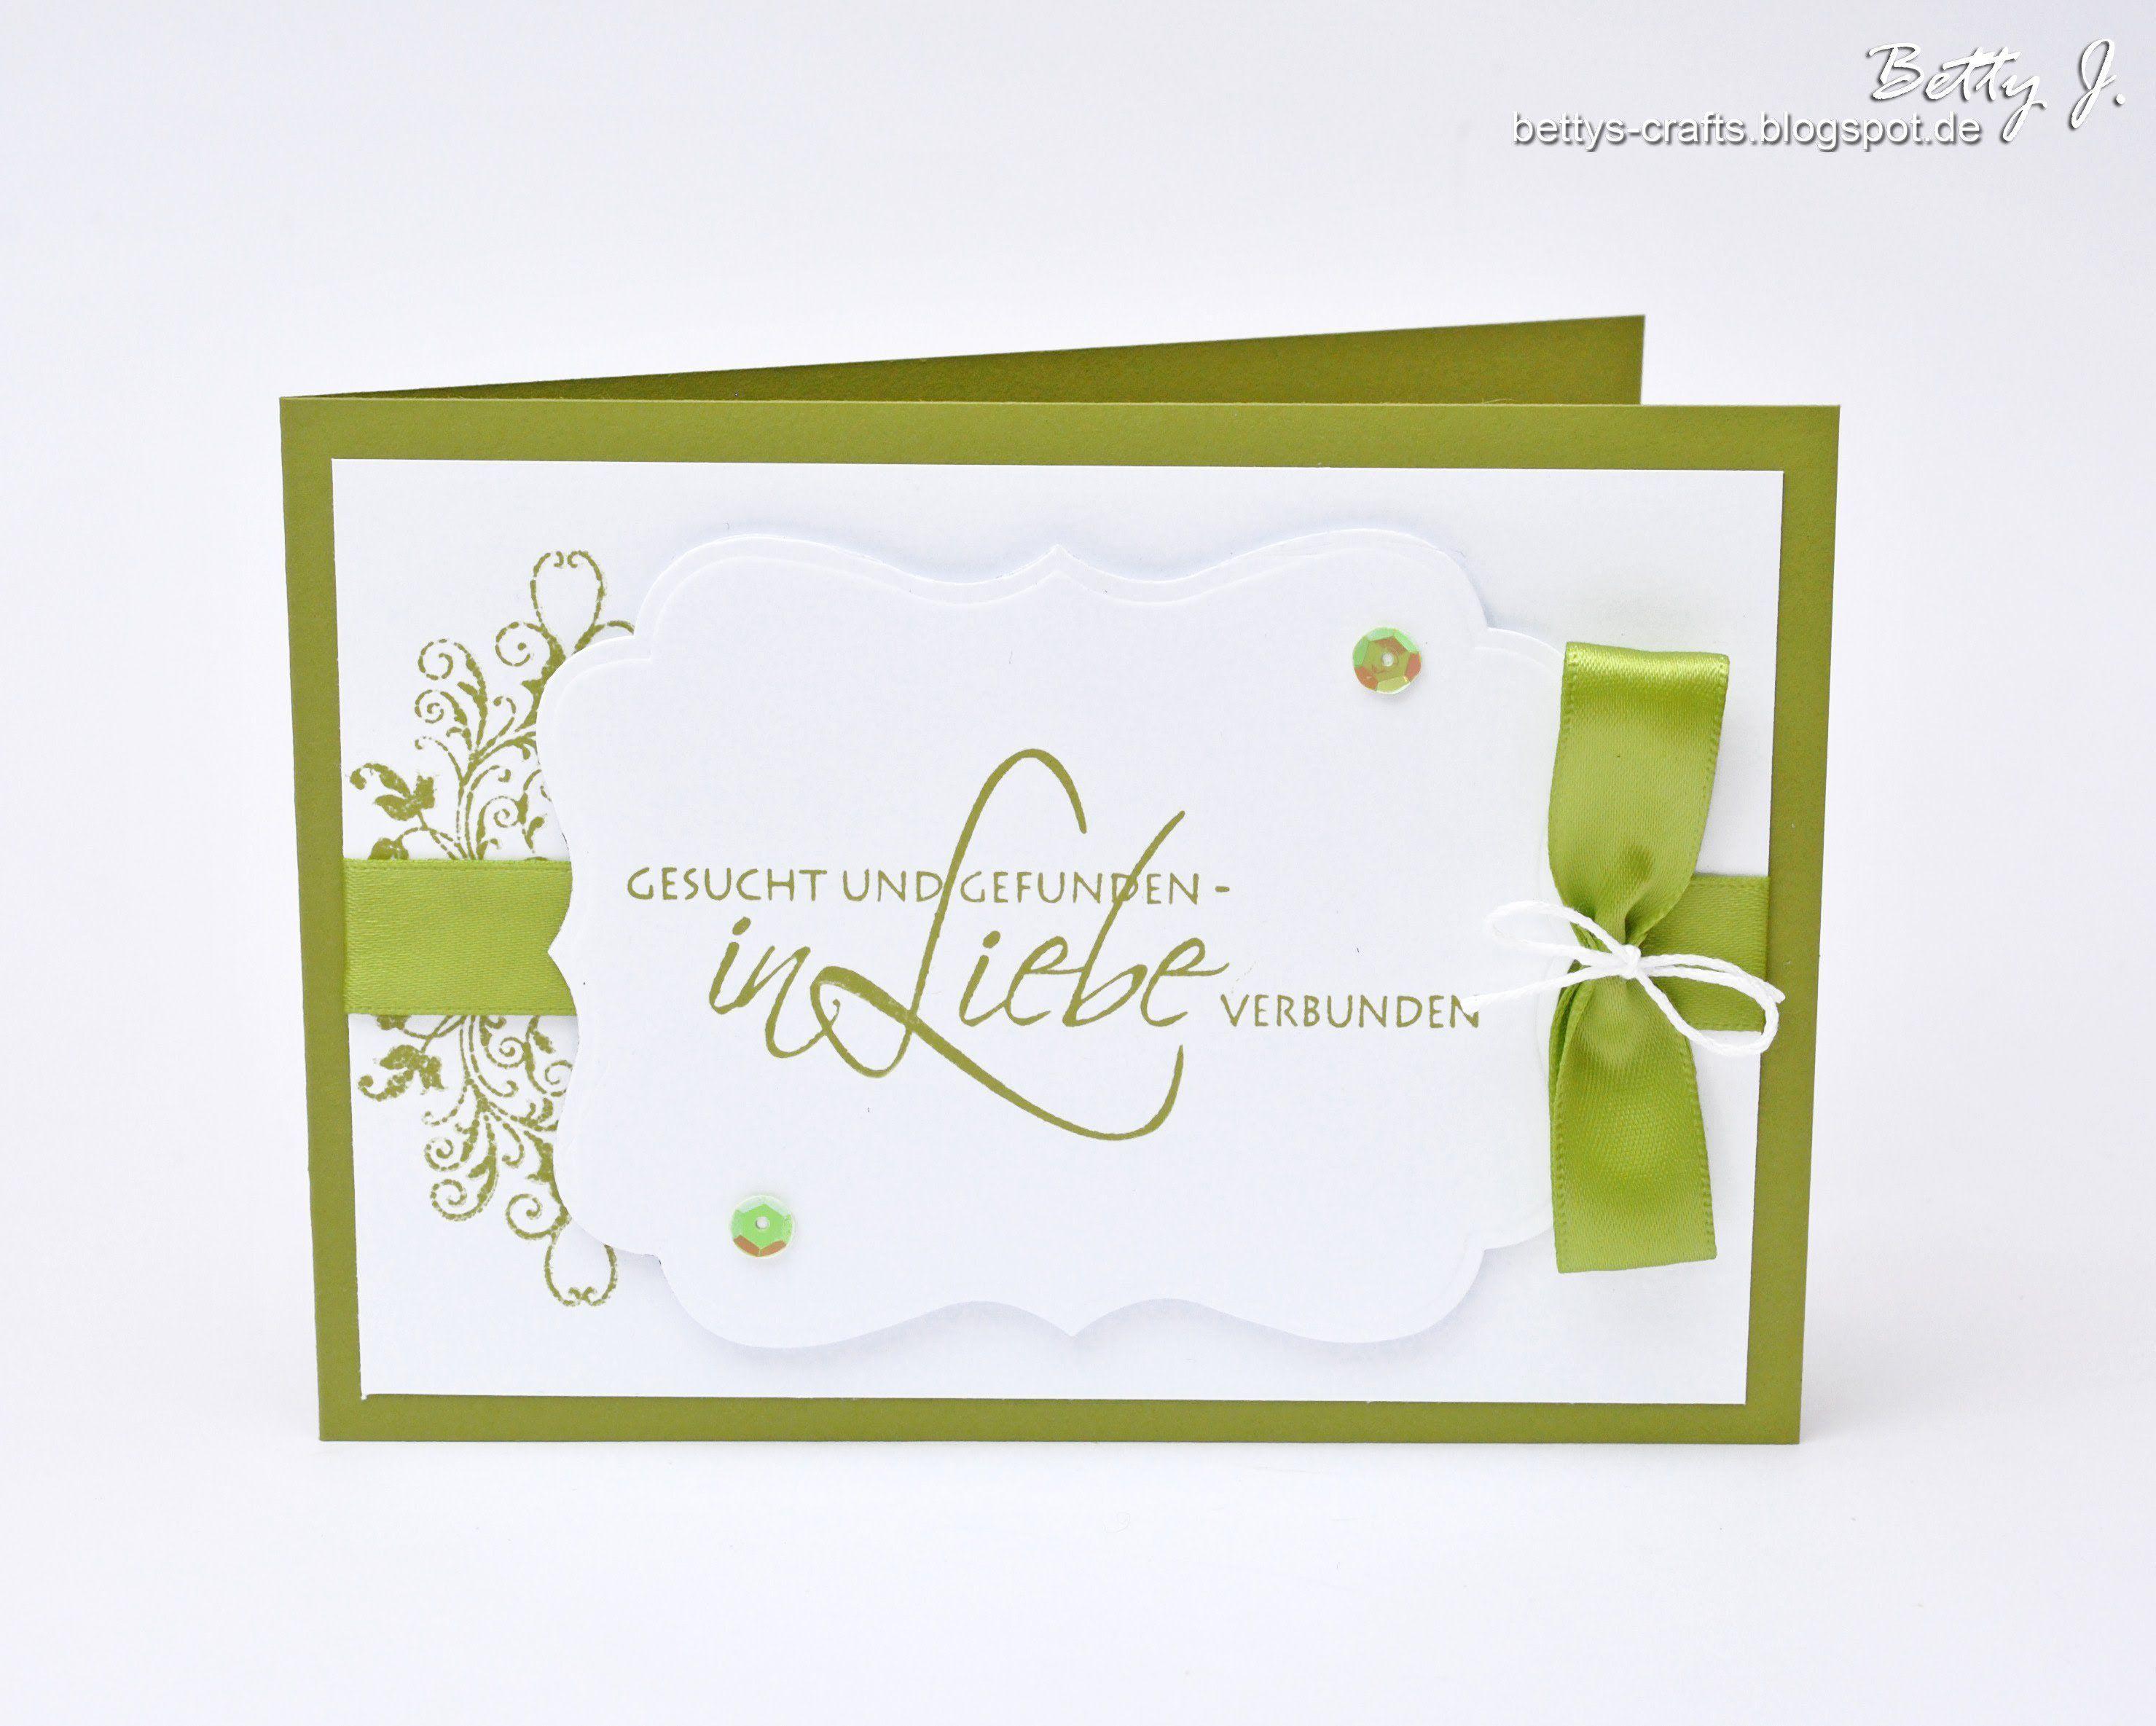 Günstige Einladungskarten Geburtstag: Hochzeitskarten-selber-gestalten-schweiz